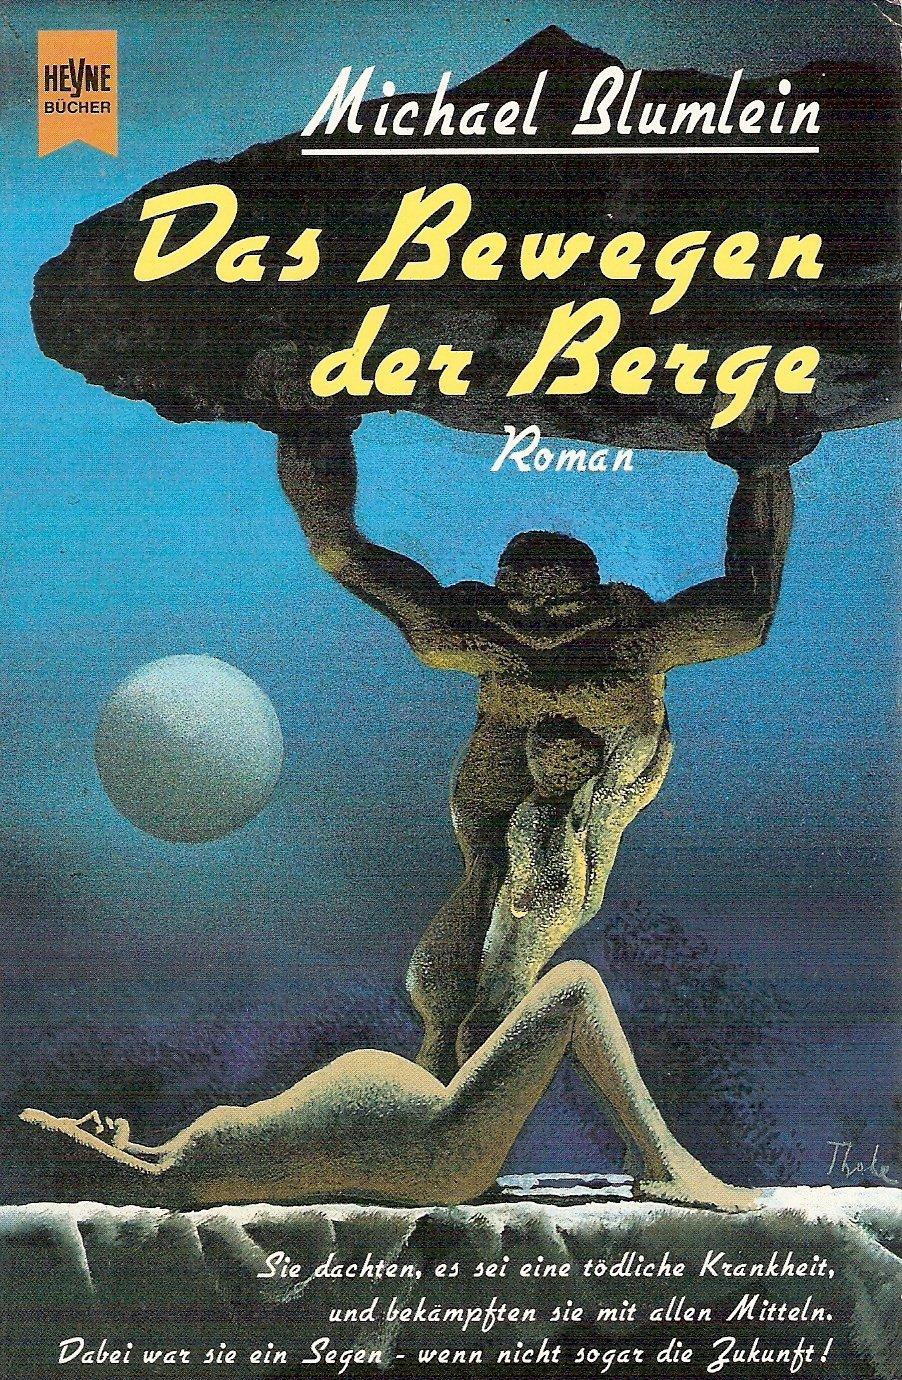 """Karel Thole - Cover for Michael  Blumlein's """"Das Bewegen der Berge""""  1994"""